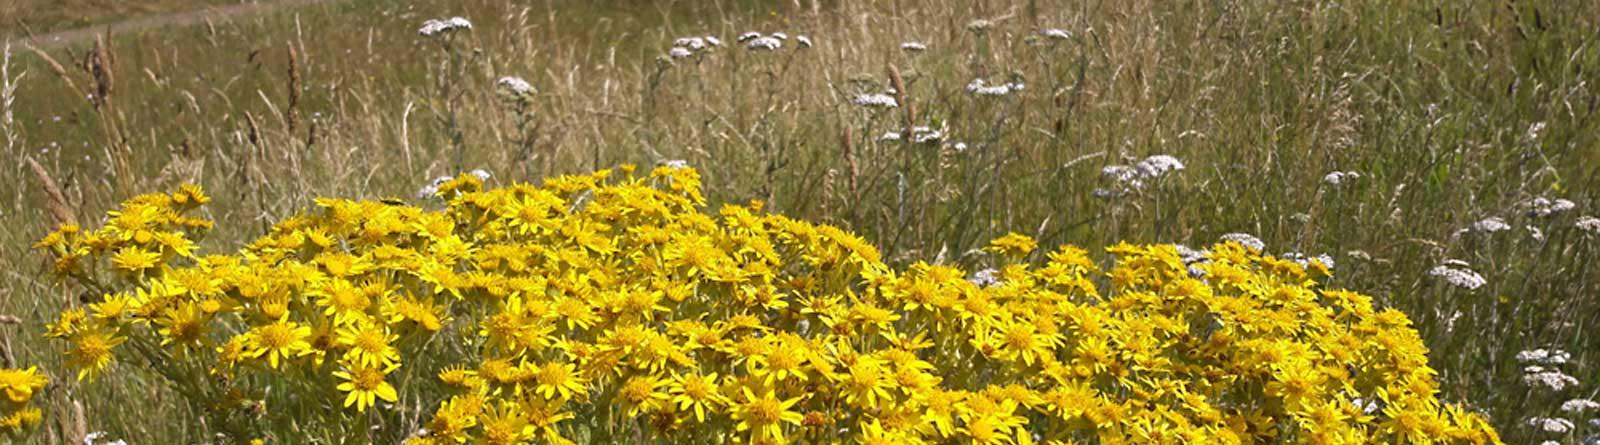 Meadow Verges in Welwyn Hatfield